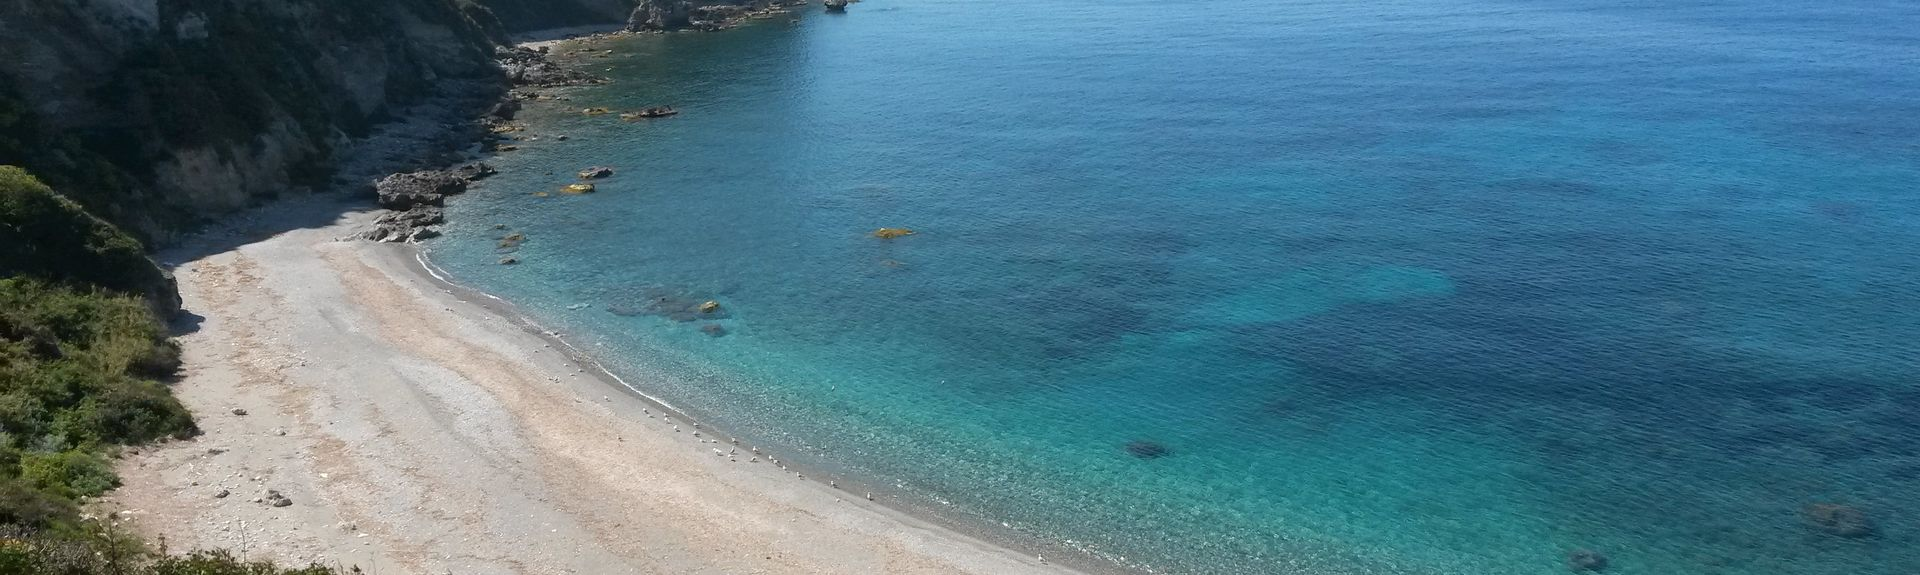 Milazzo, Messina, Sicily, Italy